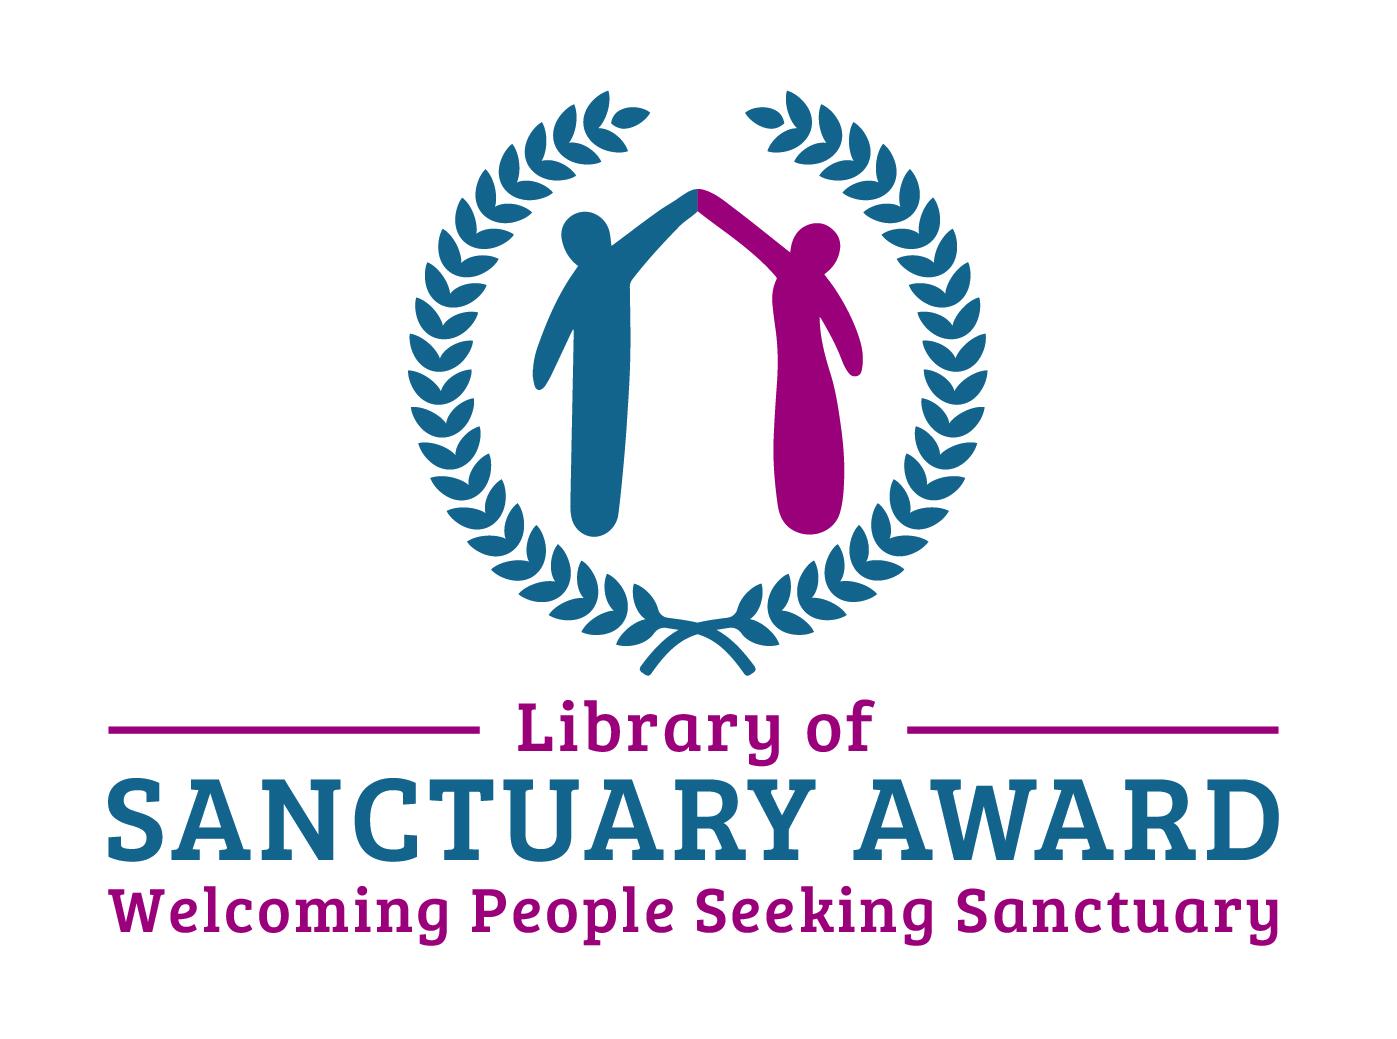 Library of Sanctuary Award Logo